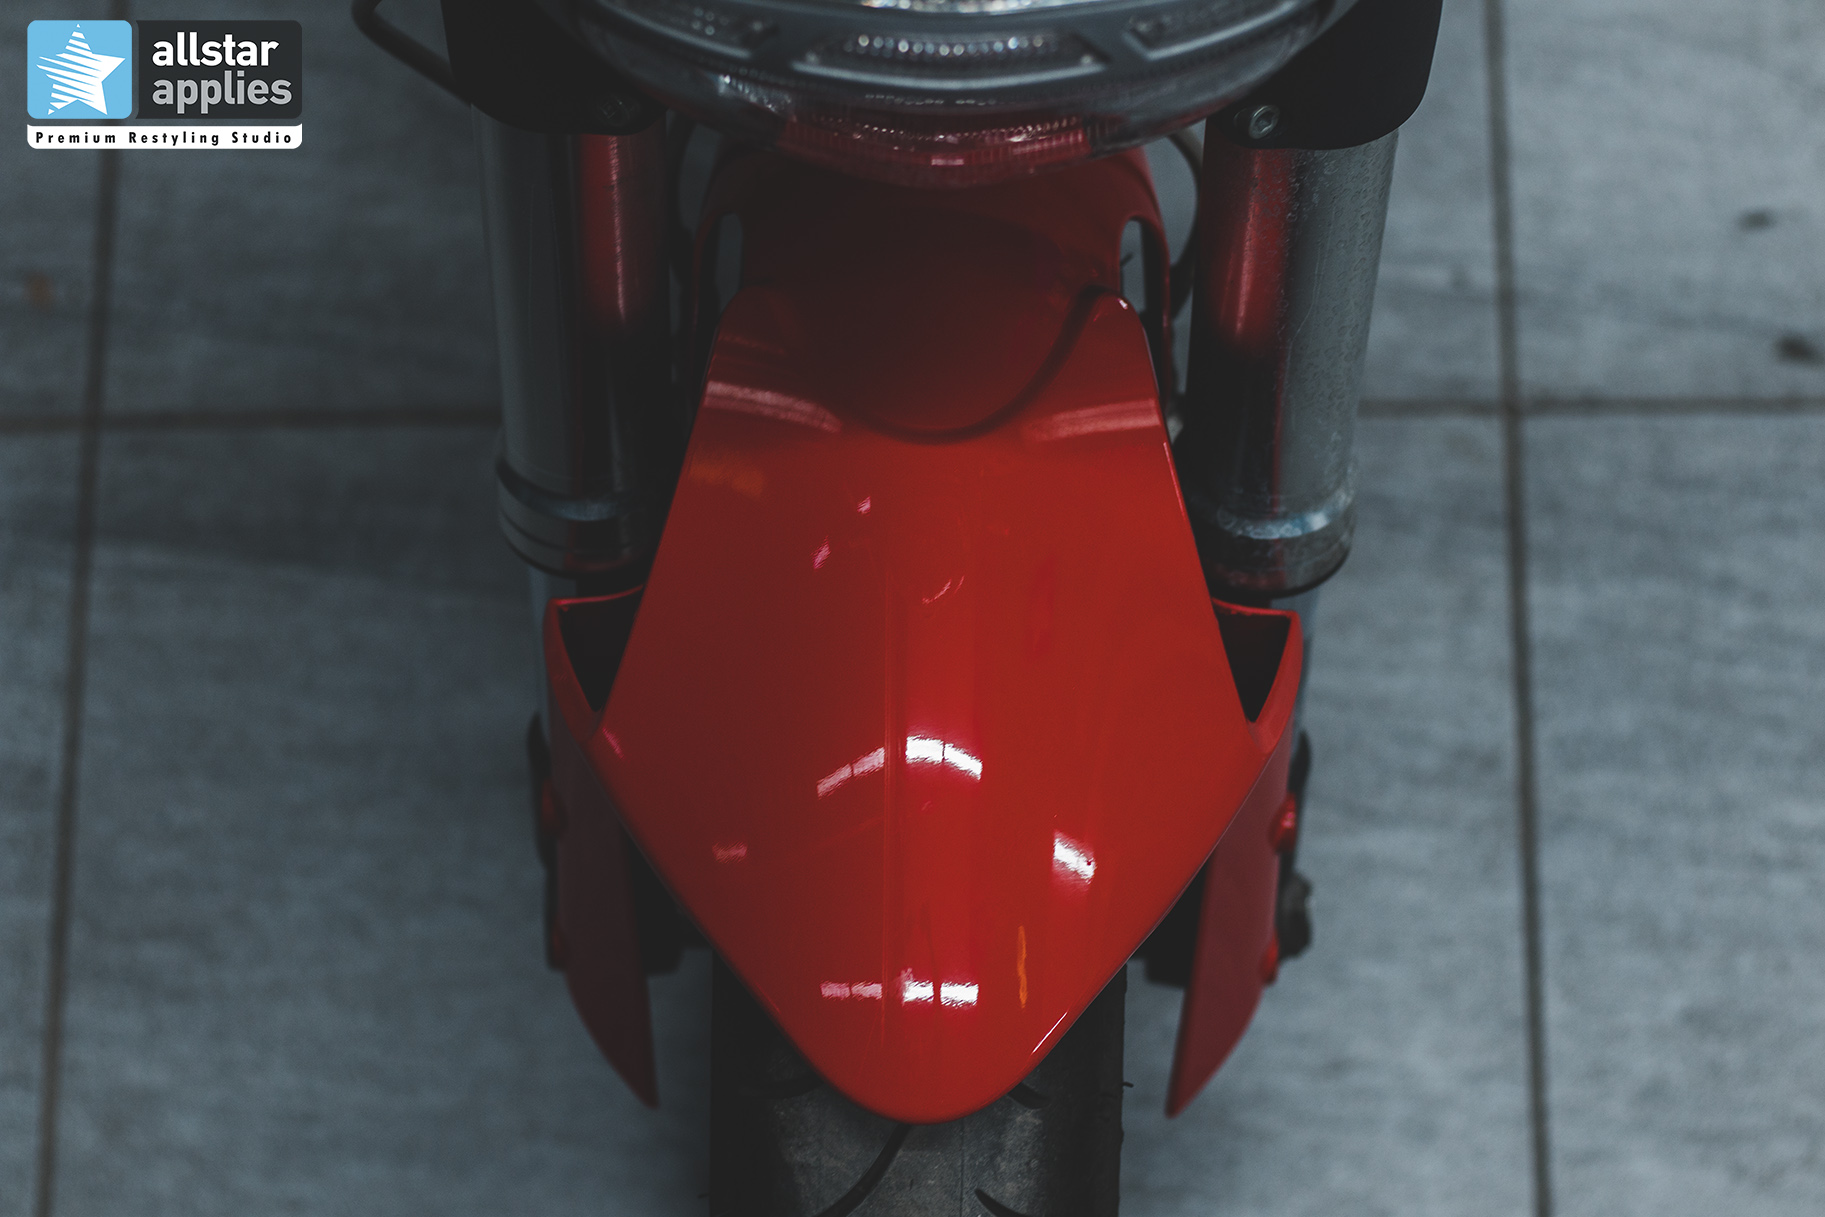 Μεμβράνες Αλλαγής χρώματος σε moto Ducati στη θεσσαλονίκη, Allstar Applies